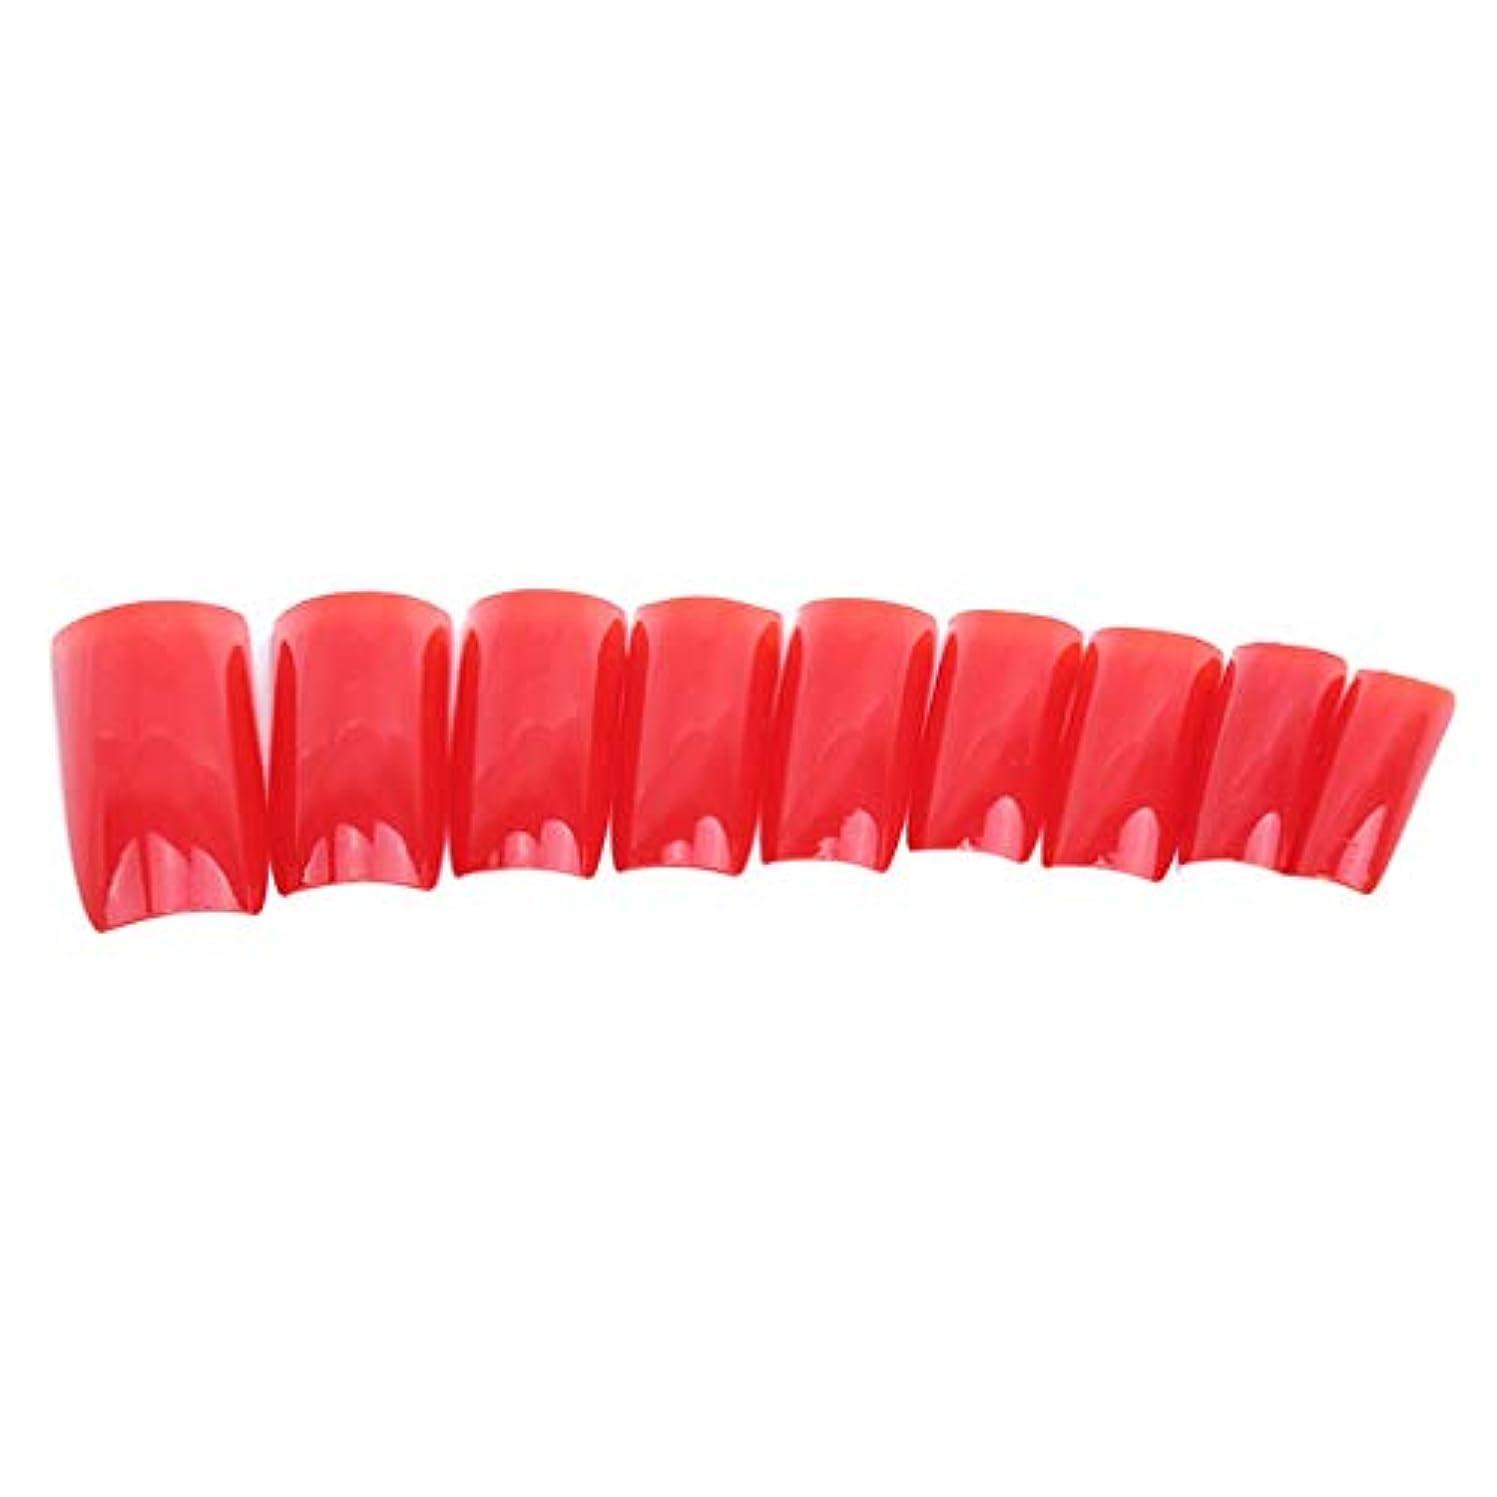 合意たるみ留まる火の色 ネイルチップ ネイルケアツール 短い爪 つけ爪 シンプル ネイルアート 結婚式 パーティー 二次会 赤色